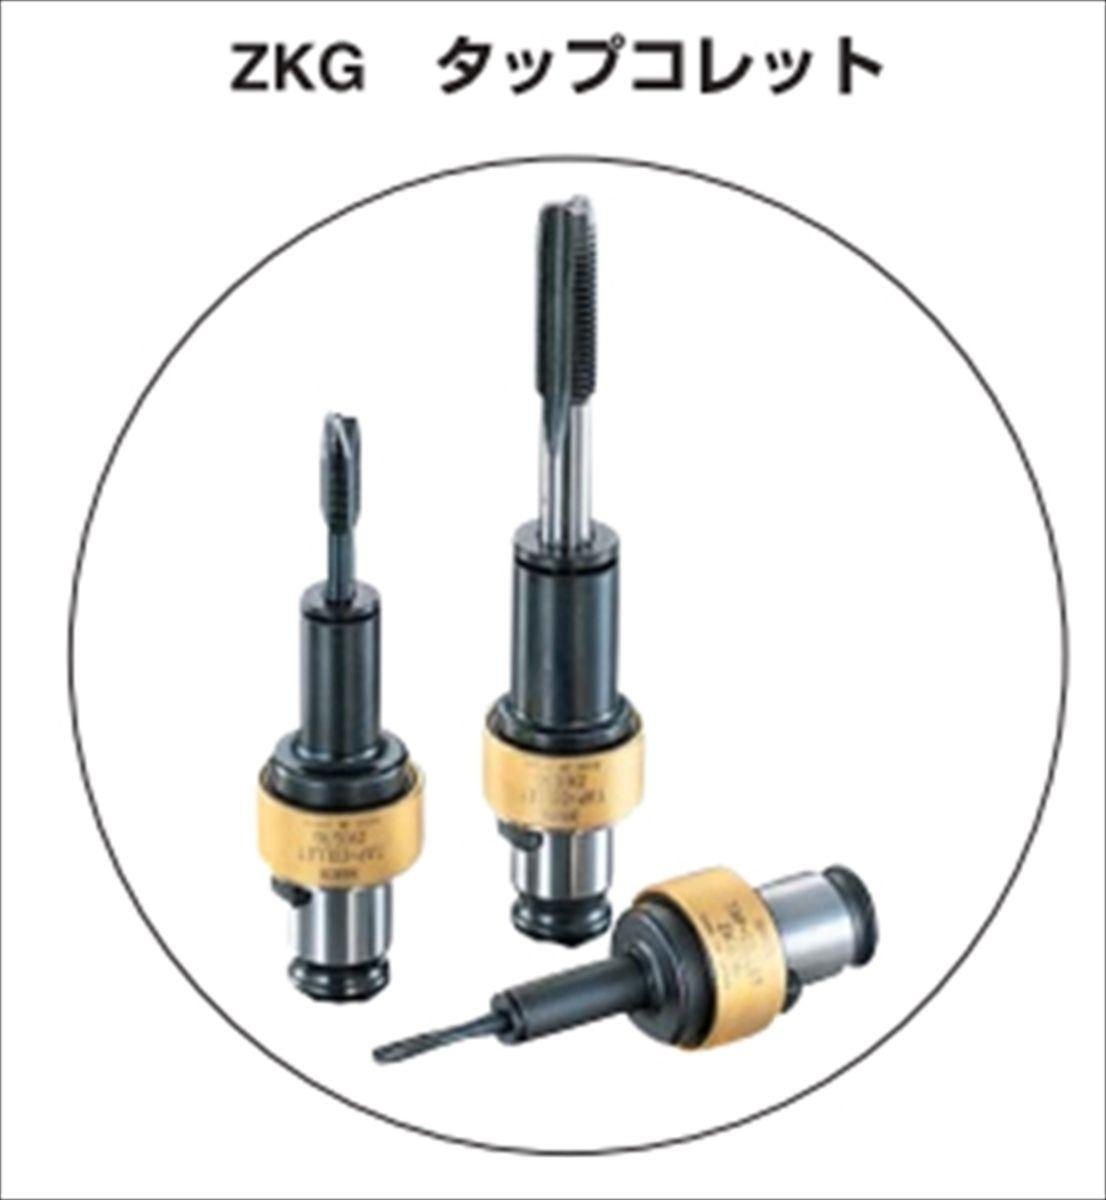 日研工作所 NIKKEN ZKG ワンタッチタップコレット (ZKG24-14)